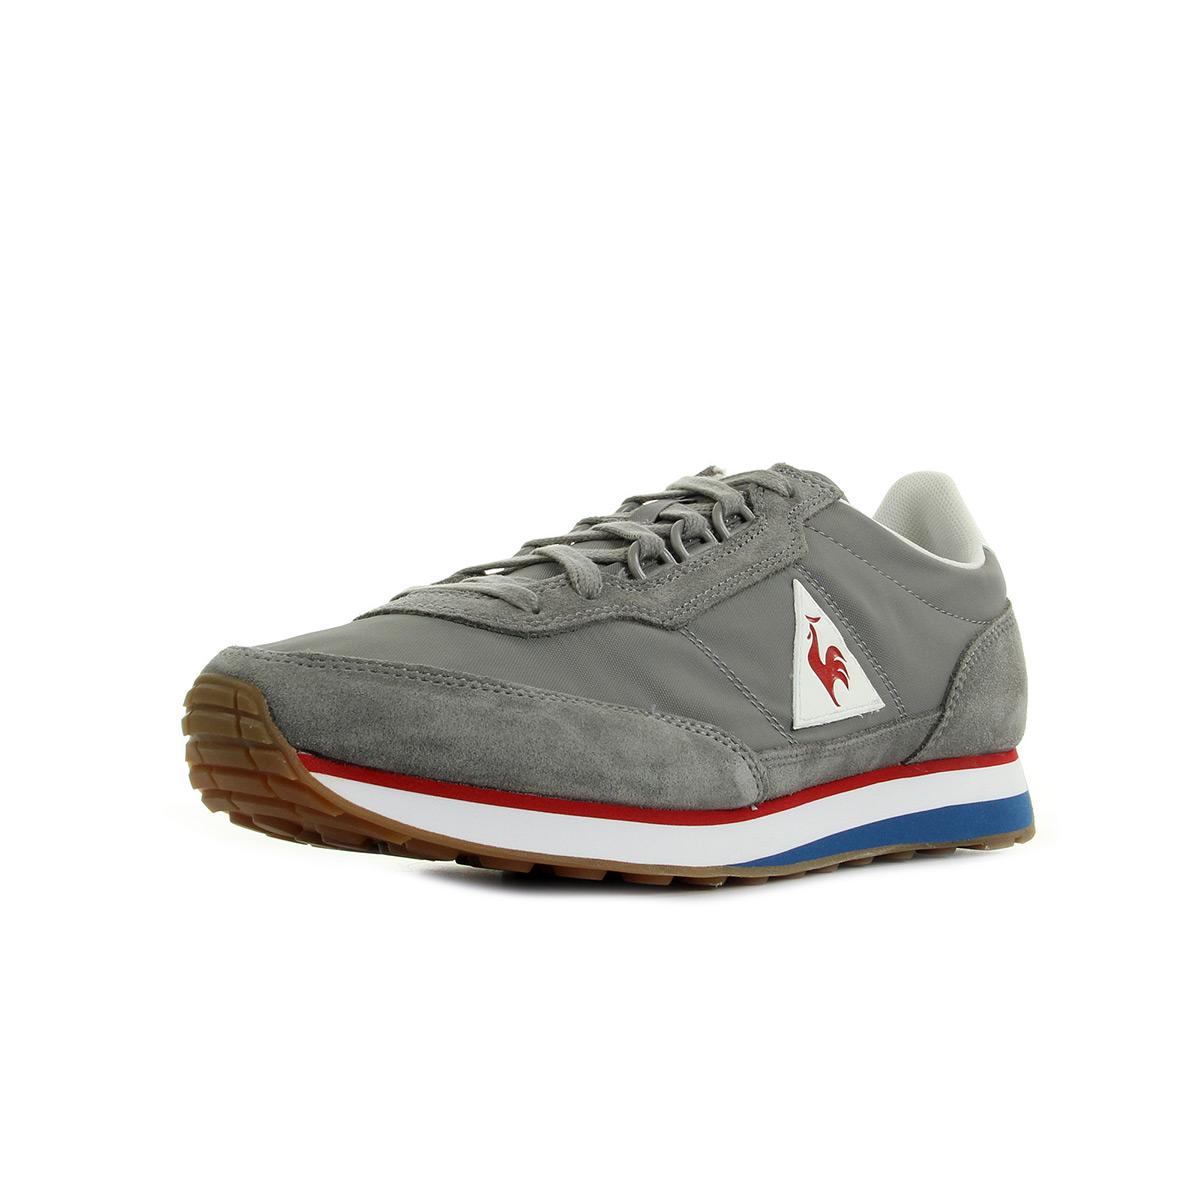 Chaussures De Sport Pour Les Hommes, Bleu Robe, Cuir Suédé, 2017, 41 42 43 44 45 Le Coq Sportif